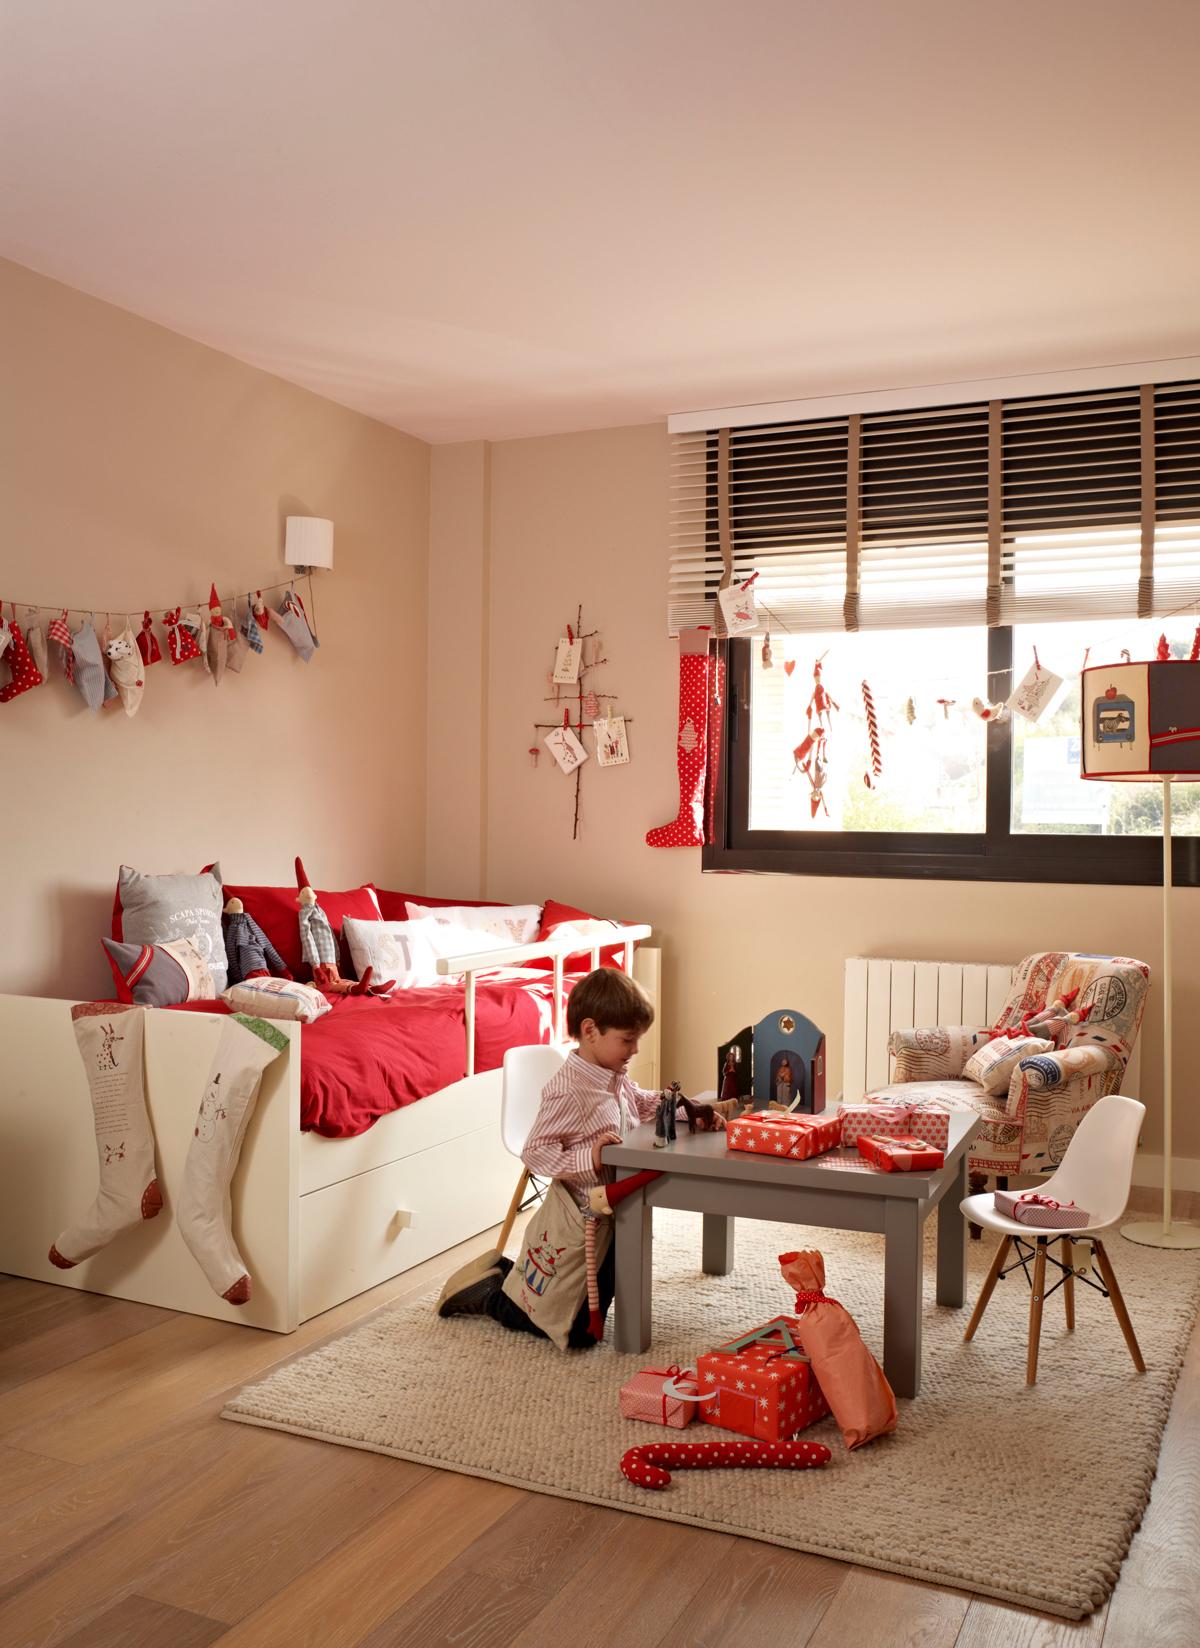 Arreglos navideños en los dormitorios infantiles